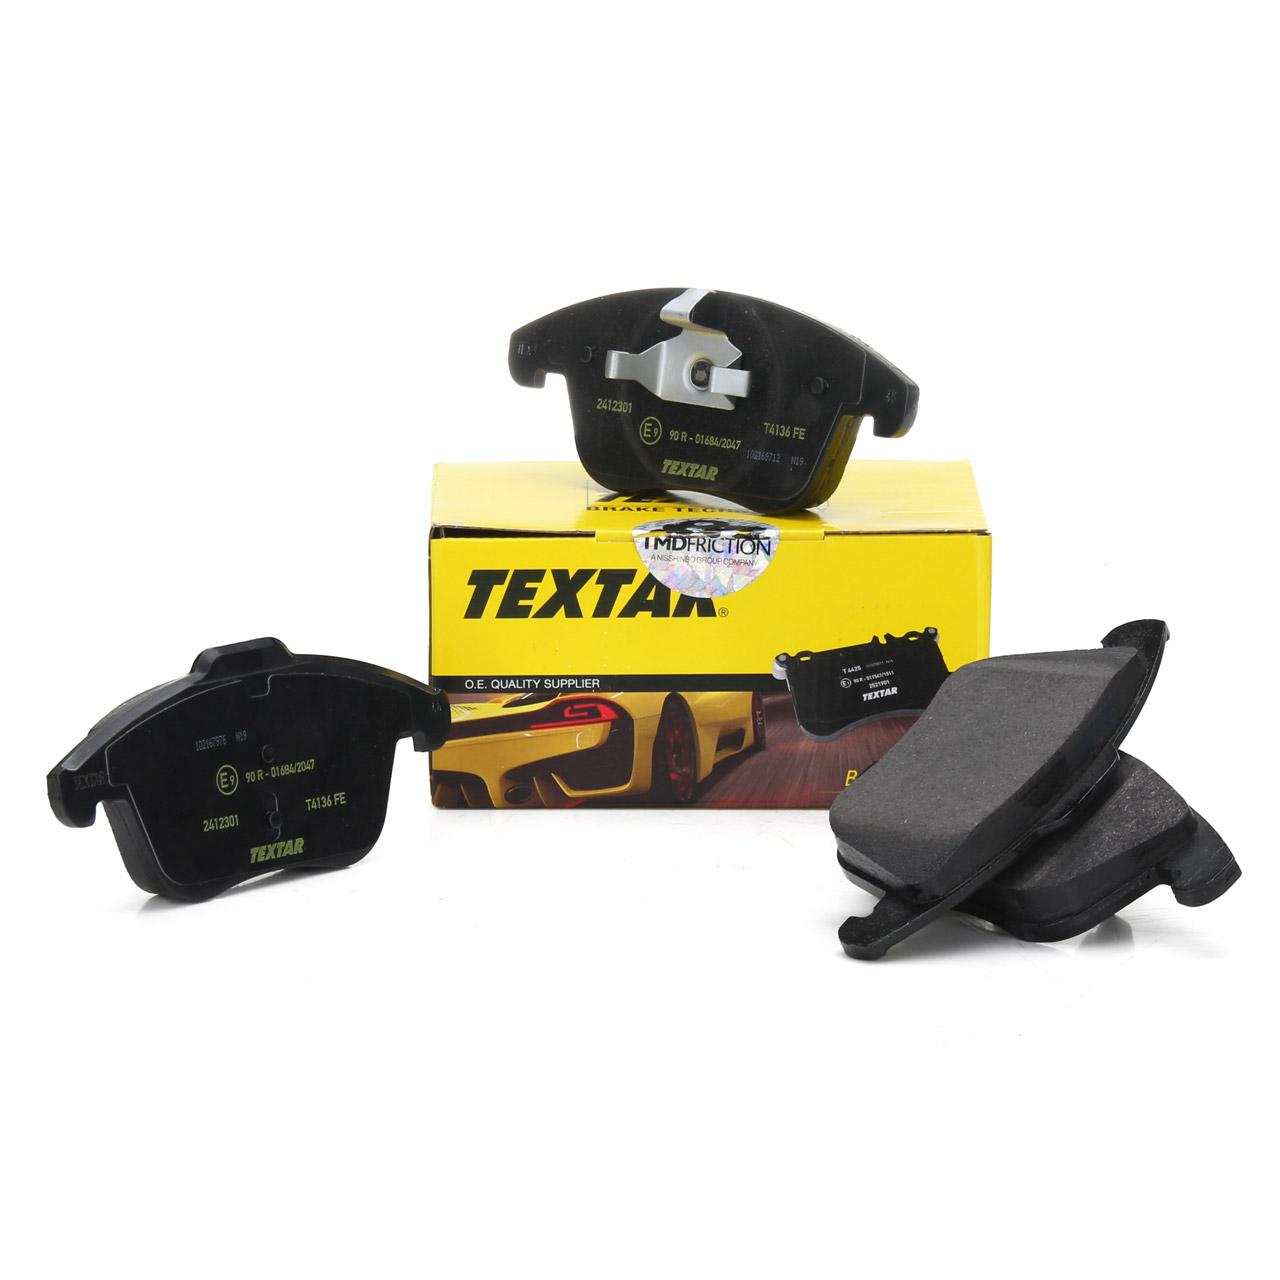 TEXTAR Bremsbeläge Bremsbelagsatz vorne 24123 für FORD GALAXY MONDEO IV S-MAX